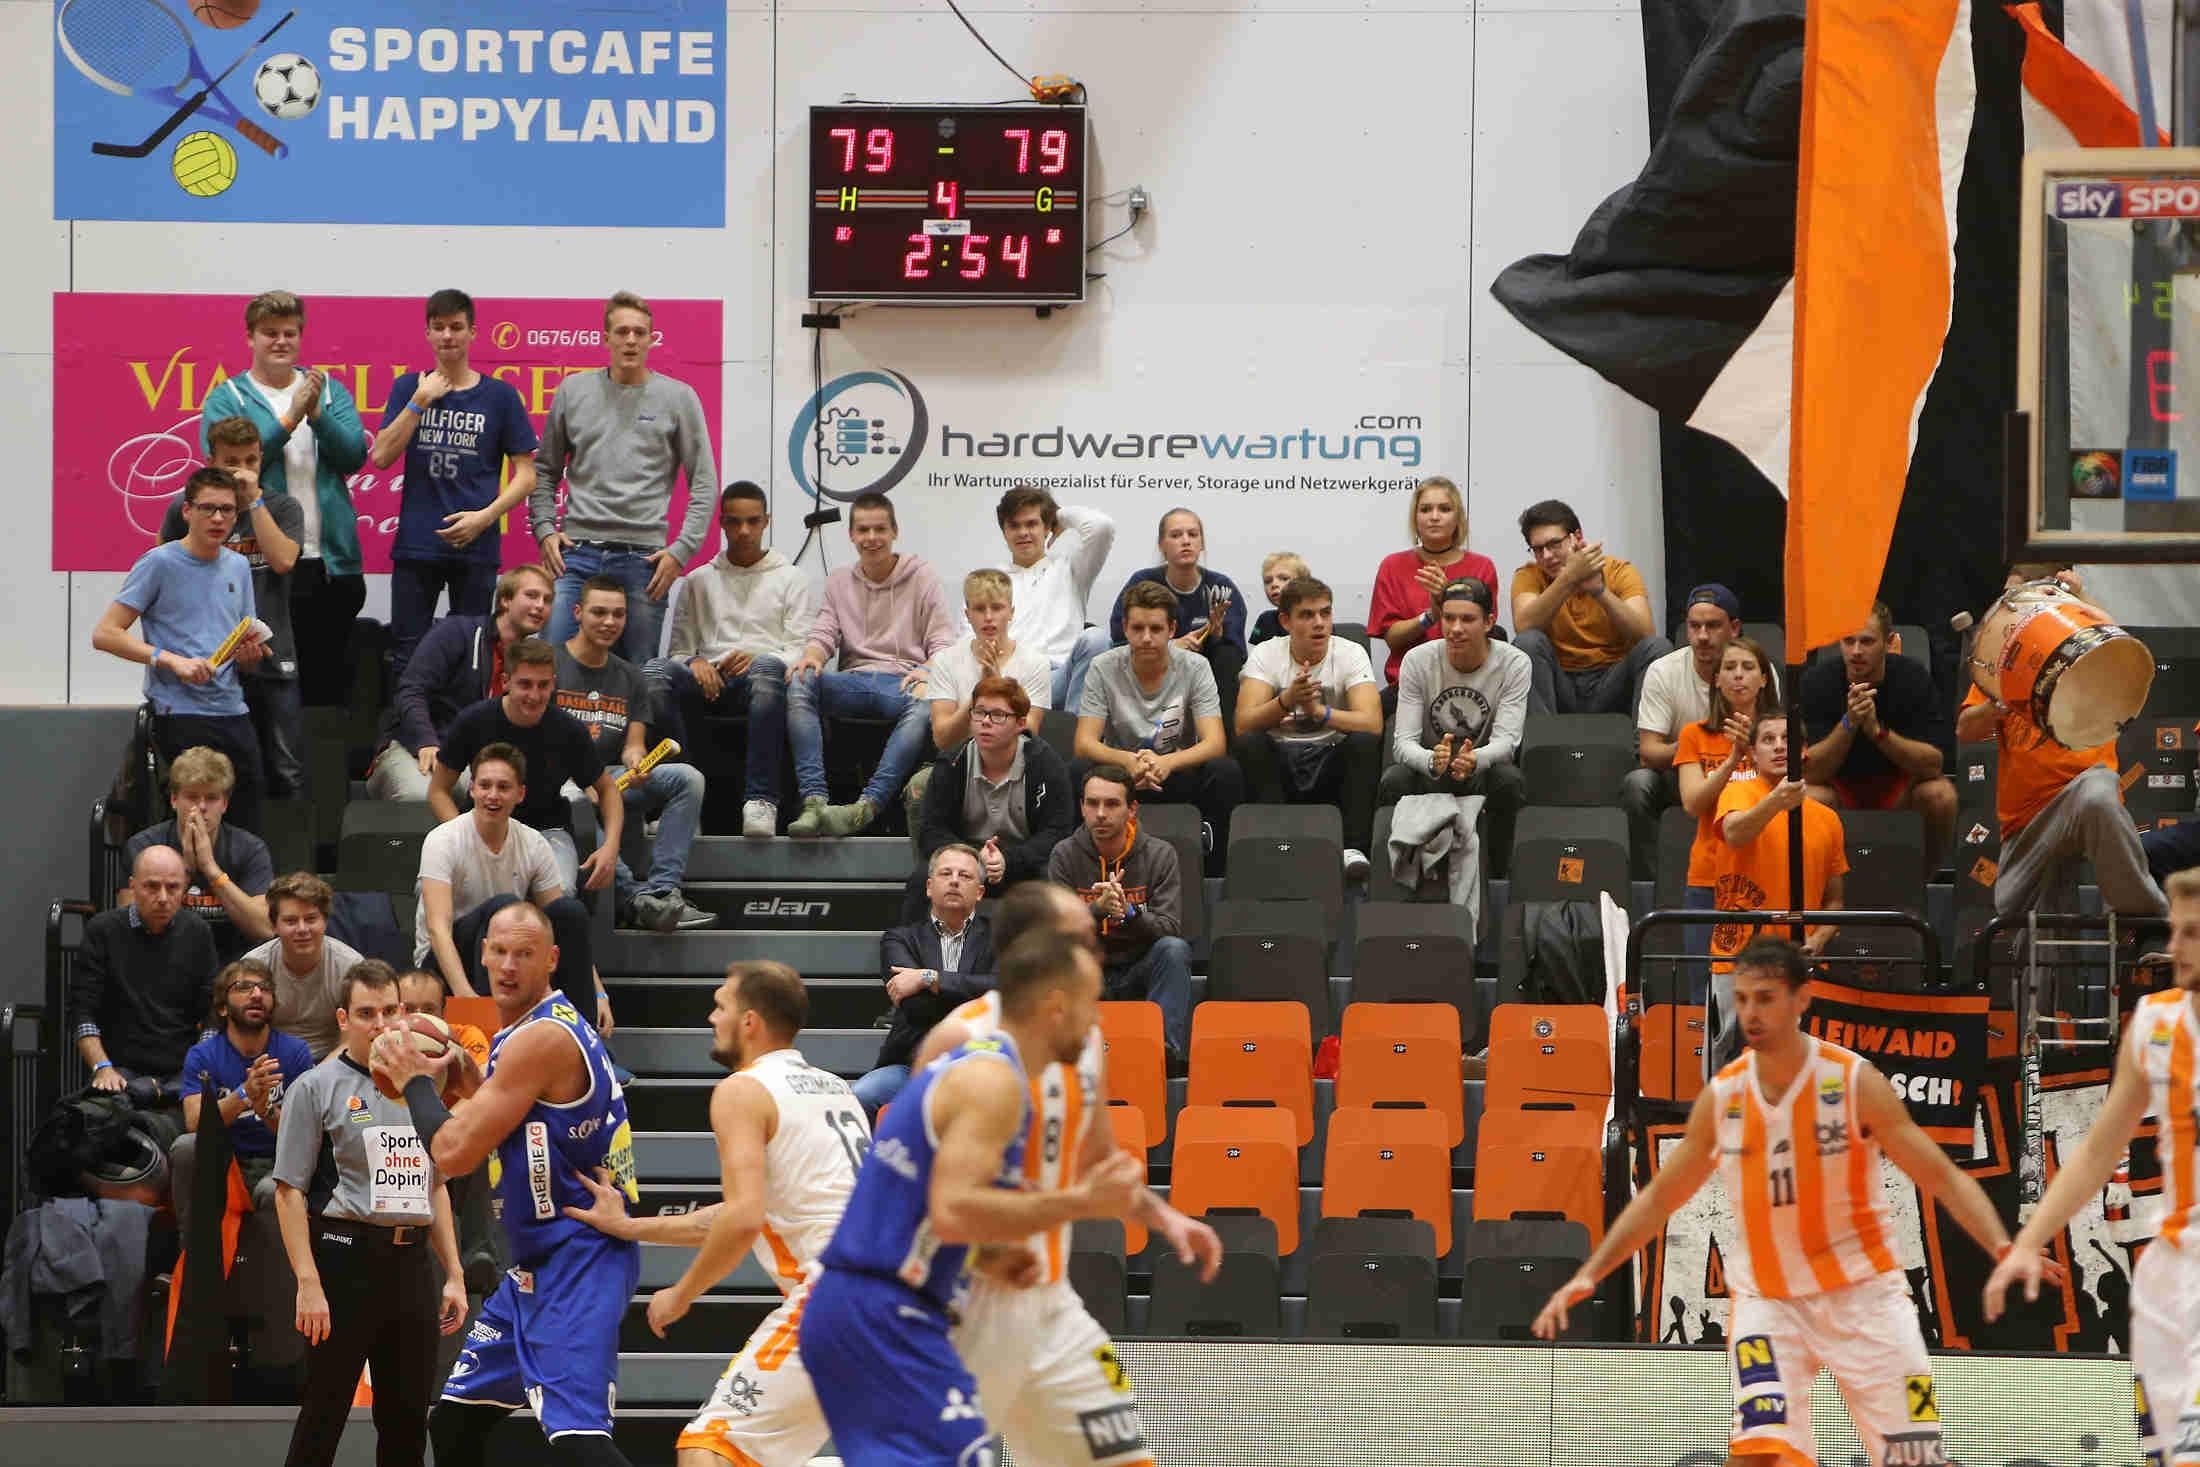 Hardwarewartung.com neuer Sponsor beim Österreichischen Basketball Rekordmeister